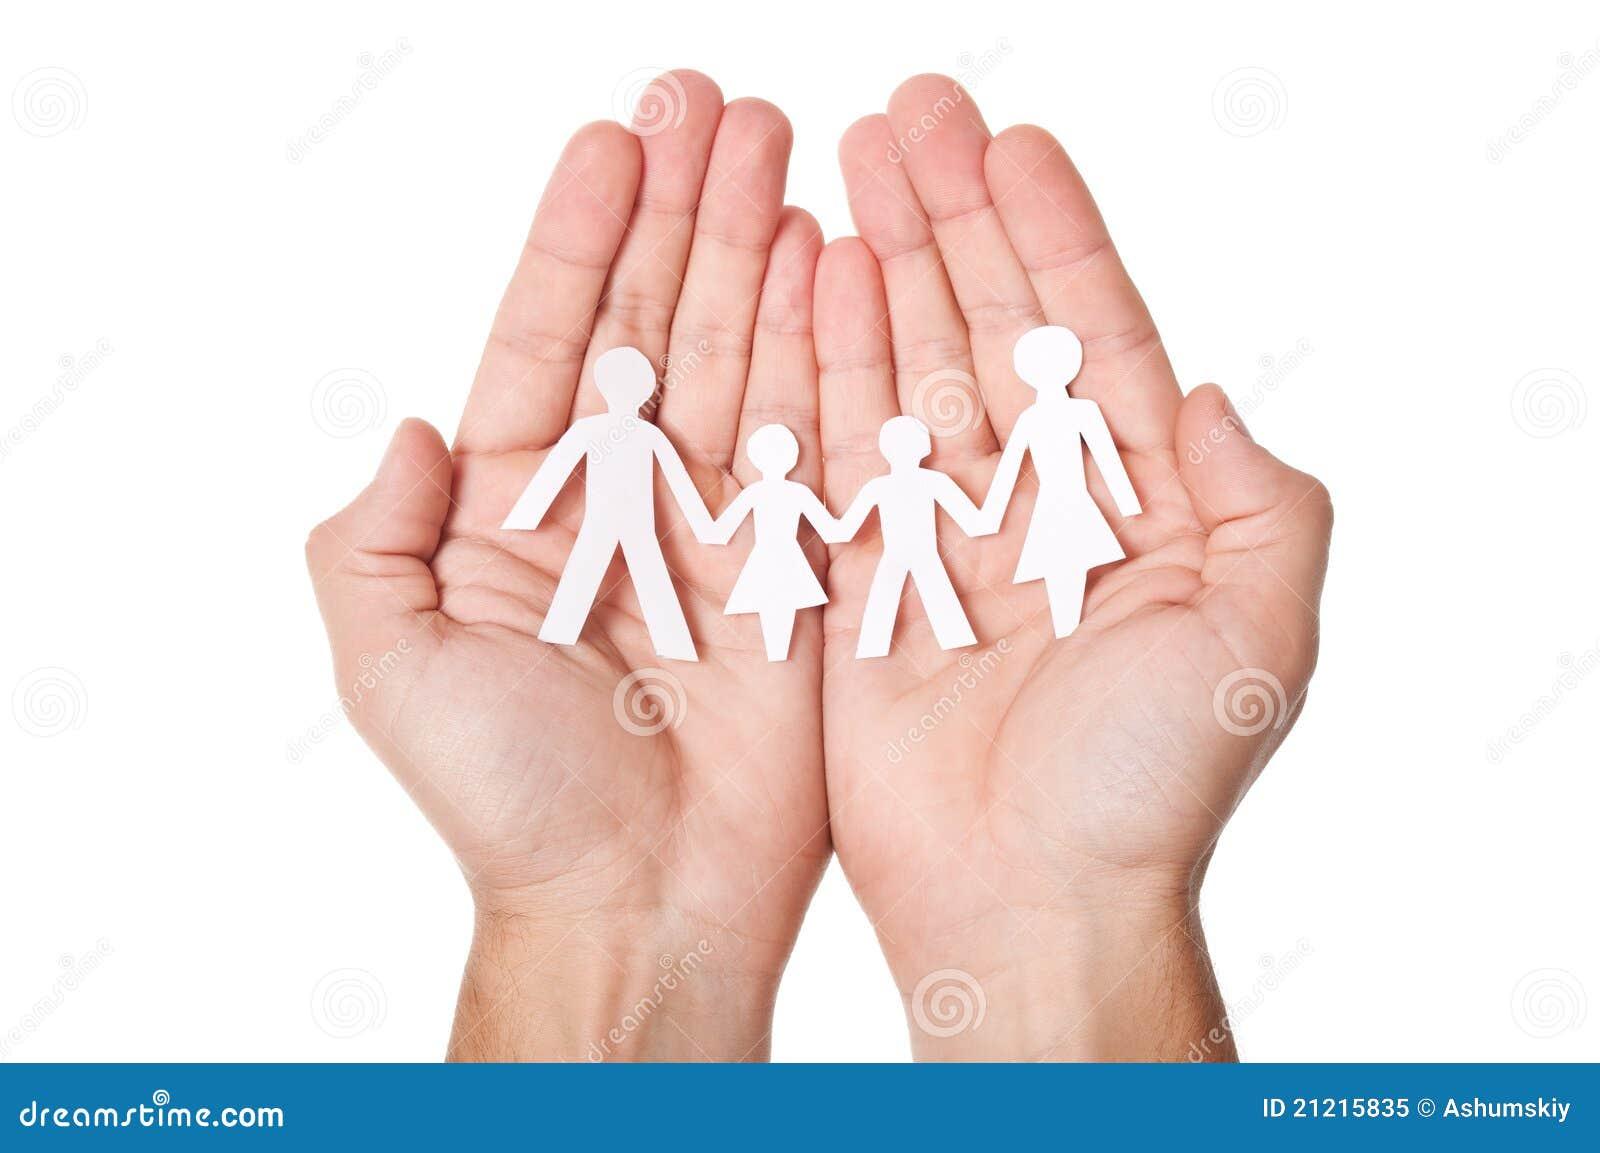 Familia de papel en manos